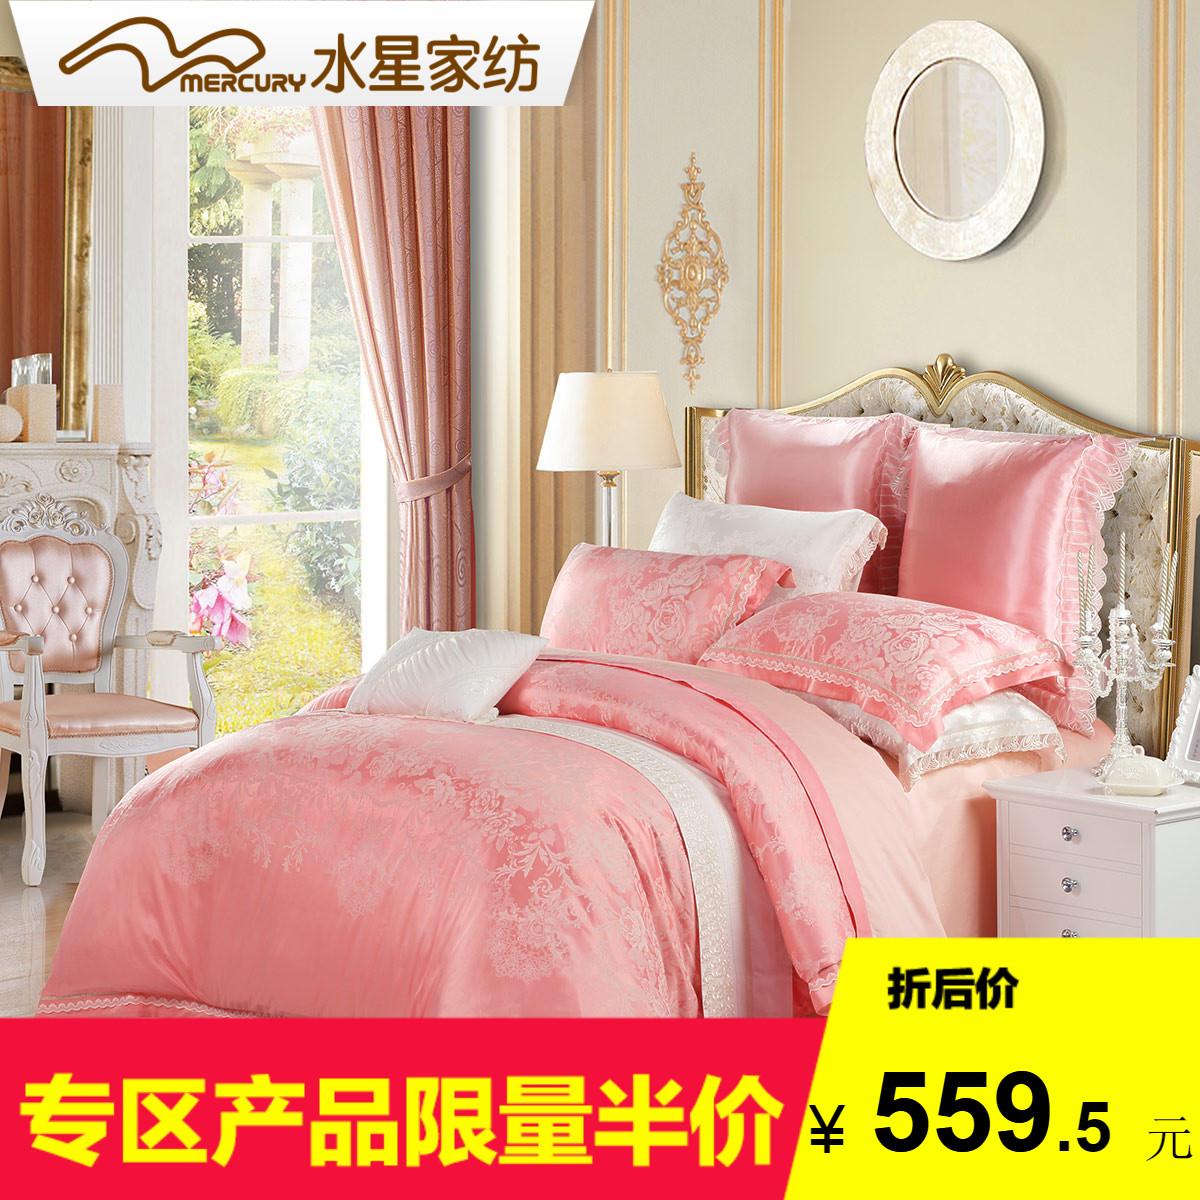 水星家纺竹棉提花欧式四件套粉色简约时尚1.8m套件伊诺丽儿